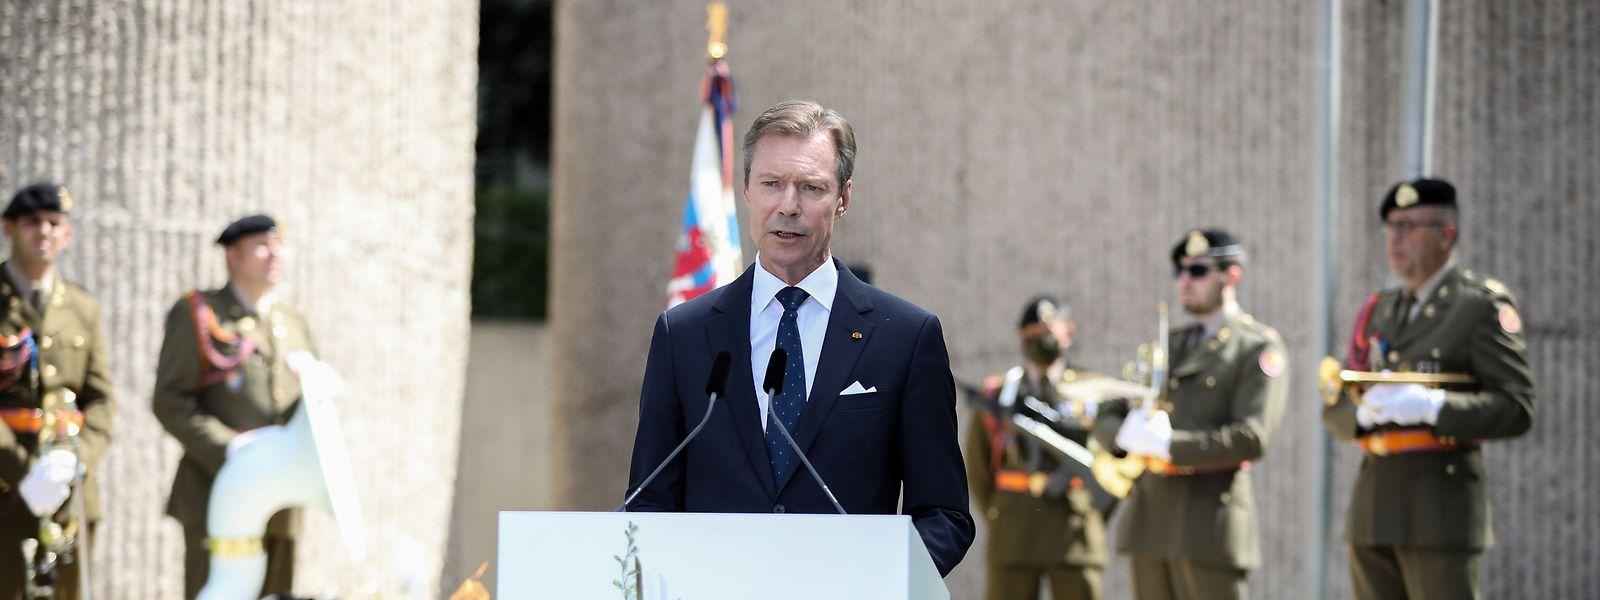 Großherzog Henri bei seiner Ansprache.